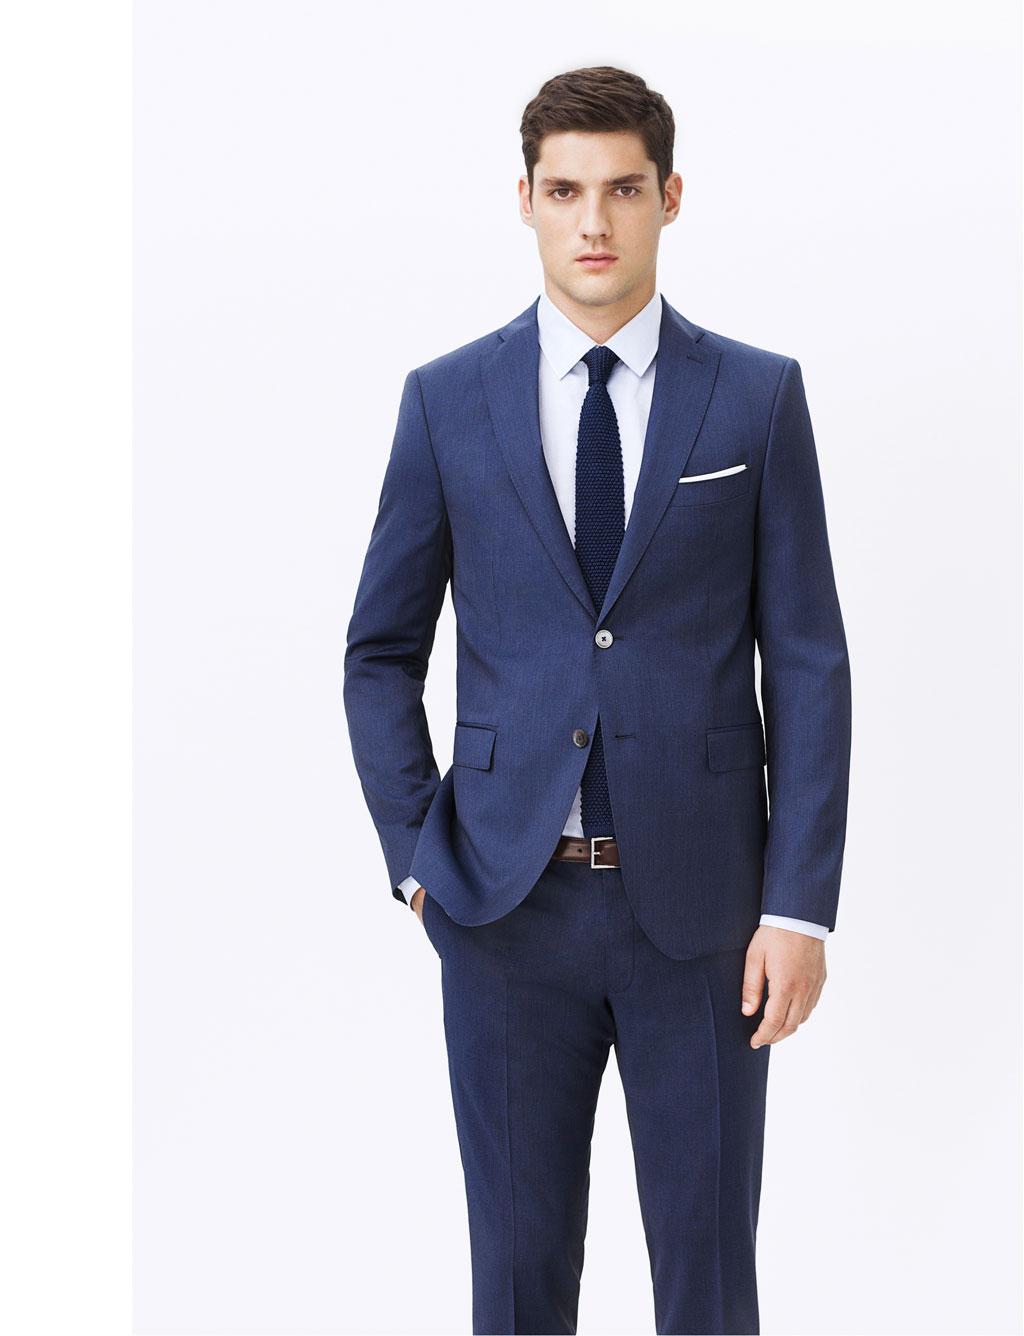 Costume homme zara casablanca - Idée de Costume et vêtement a85361af752